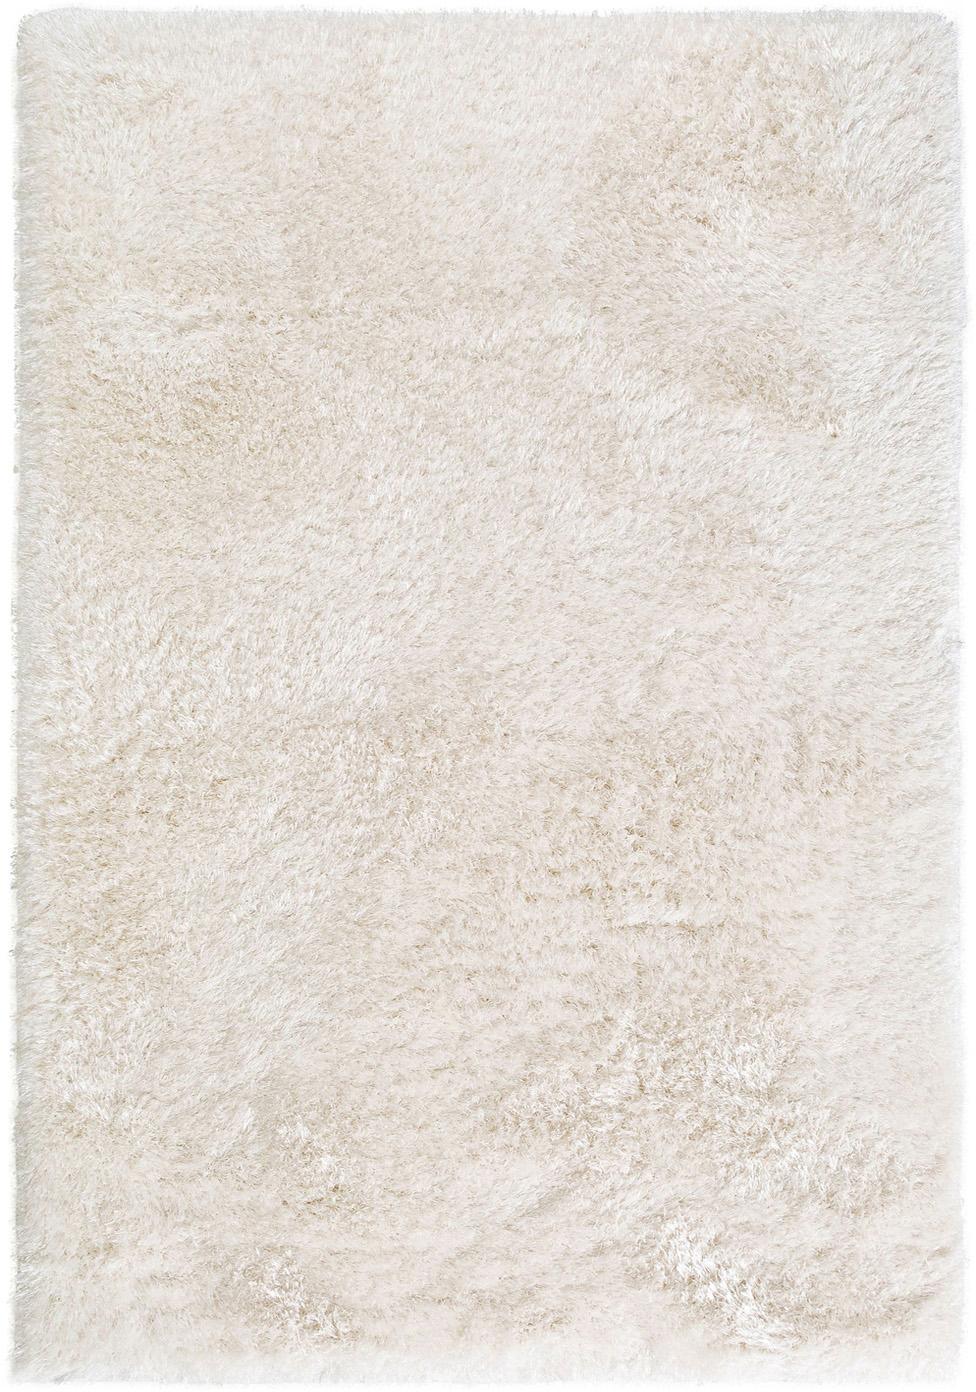 Glanzend hoogpolig vloerkleed Lea in wit, Bovenzijde: 50% polyester, 50% polypr, Onderzijde: 100% jute, Wit, B 140 x L 200 cm (maat S)